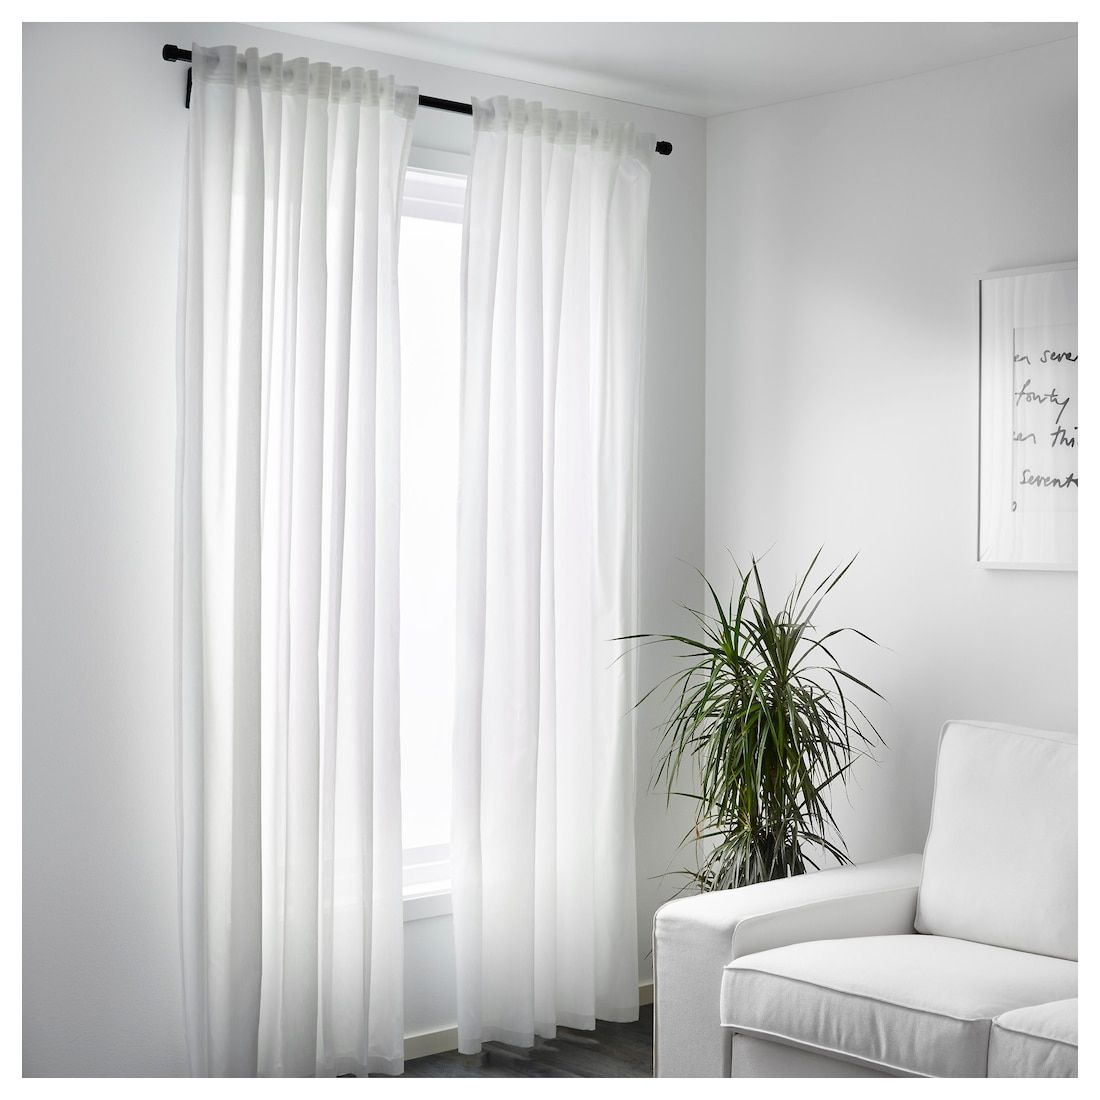 Vivan Curtains 1 Pair White Ikea Curtains Living Room Minimalist Curtains Curtain Designs